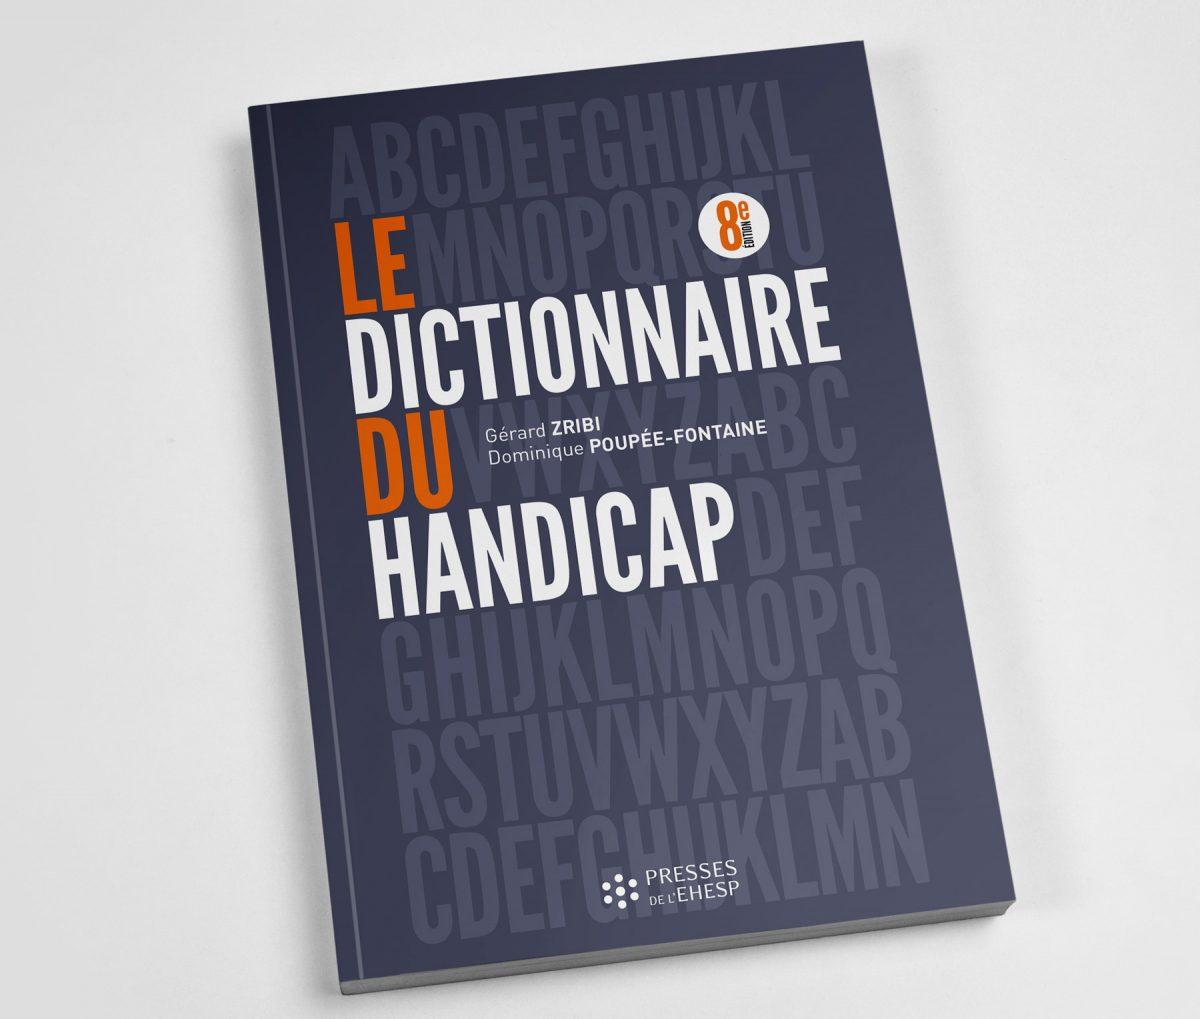 Publication Le dictionnaire du handicap par Gérard Zribi et Dominique Poupée-Fontaine